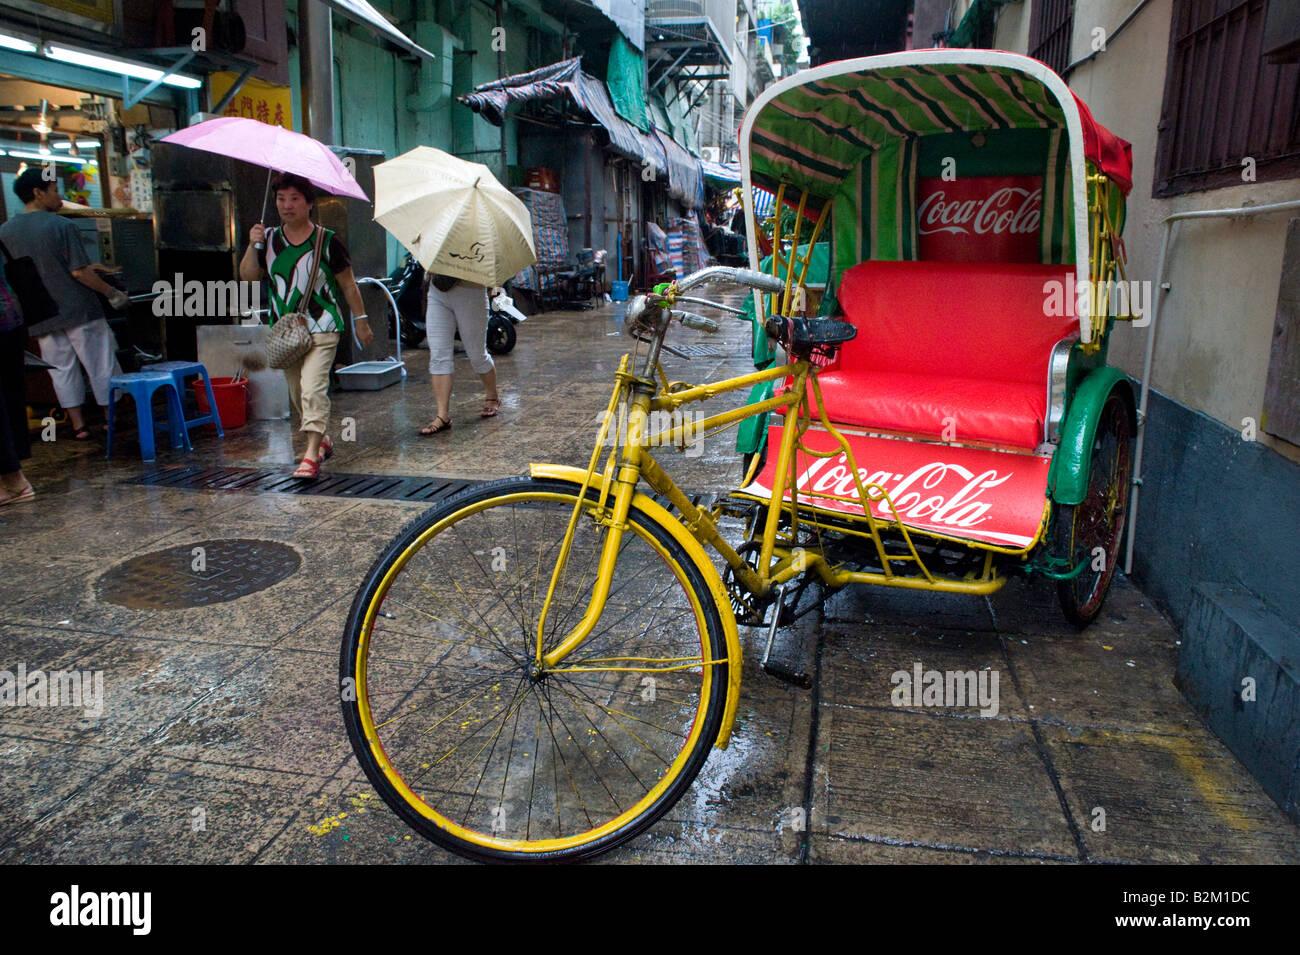 Tricolo tradicional triciclo estacionado en calle en Macao, China 2008 Imagen De Stock